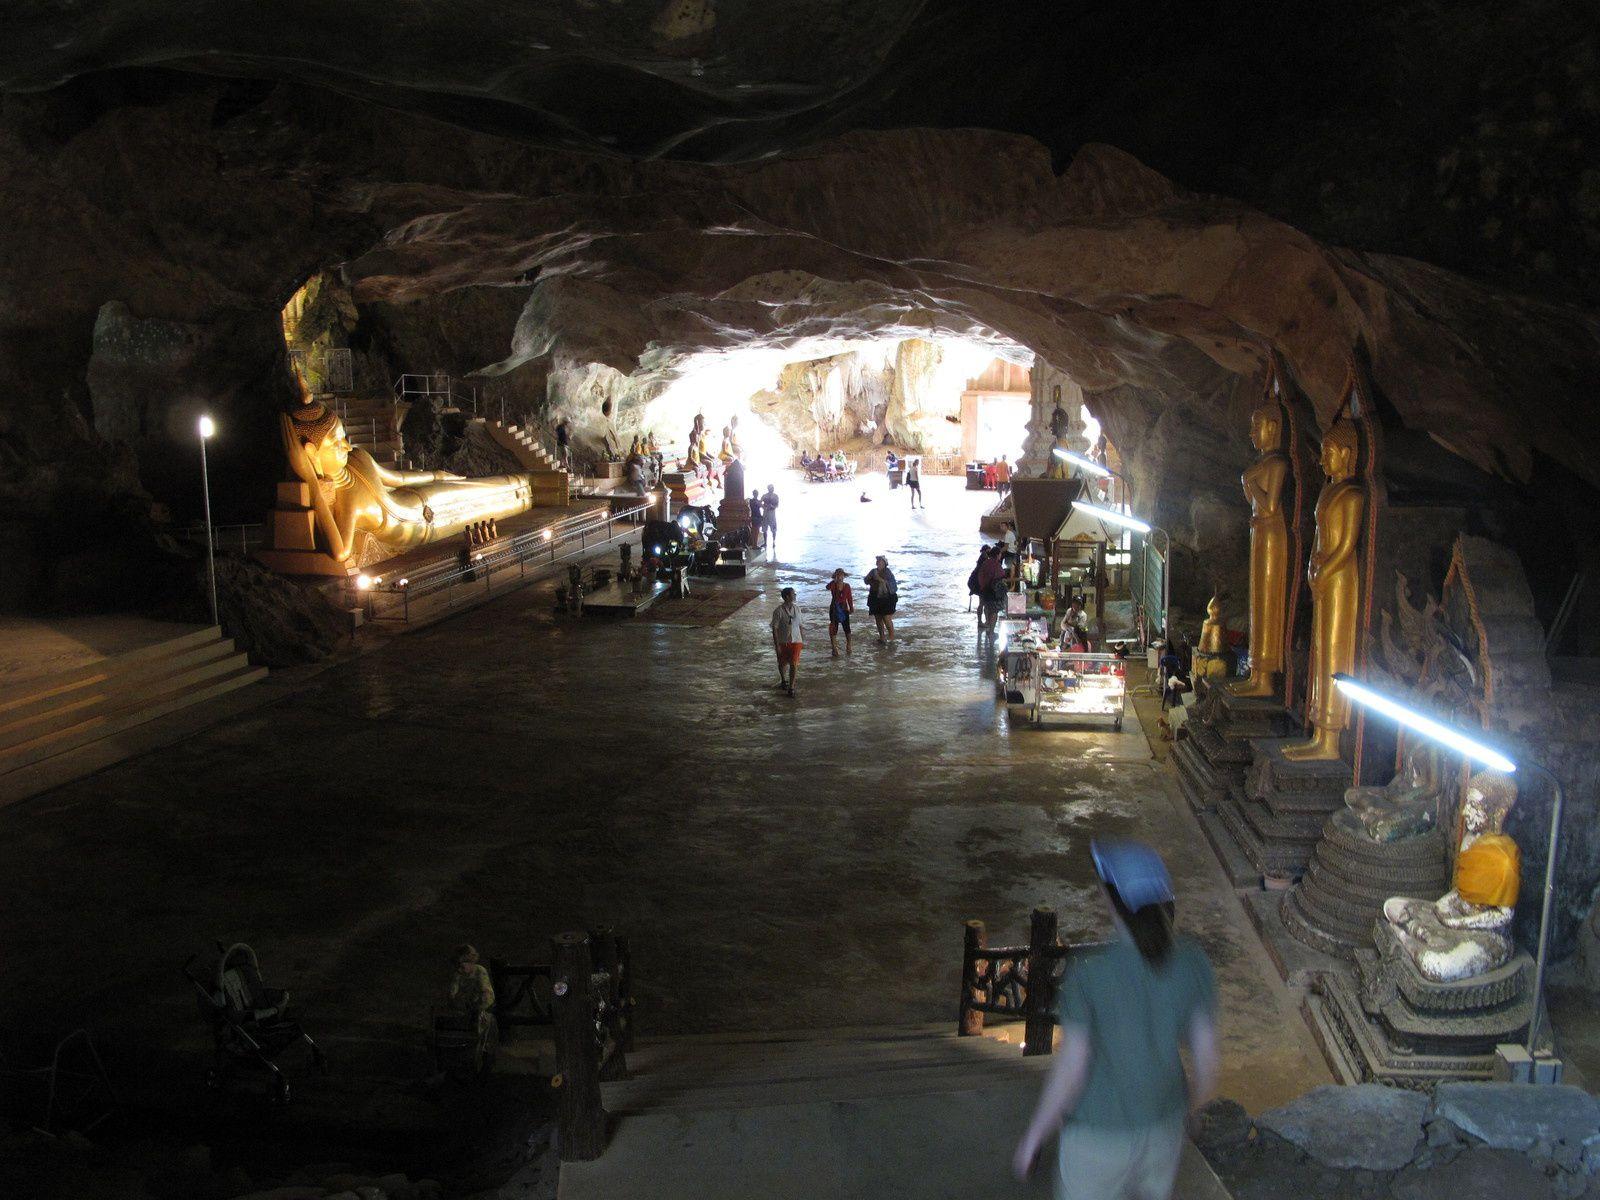 Warum Reisen? Weil auch der Untergrund lockt: Höhlen